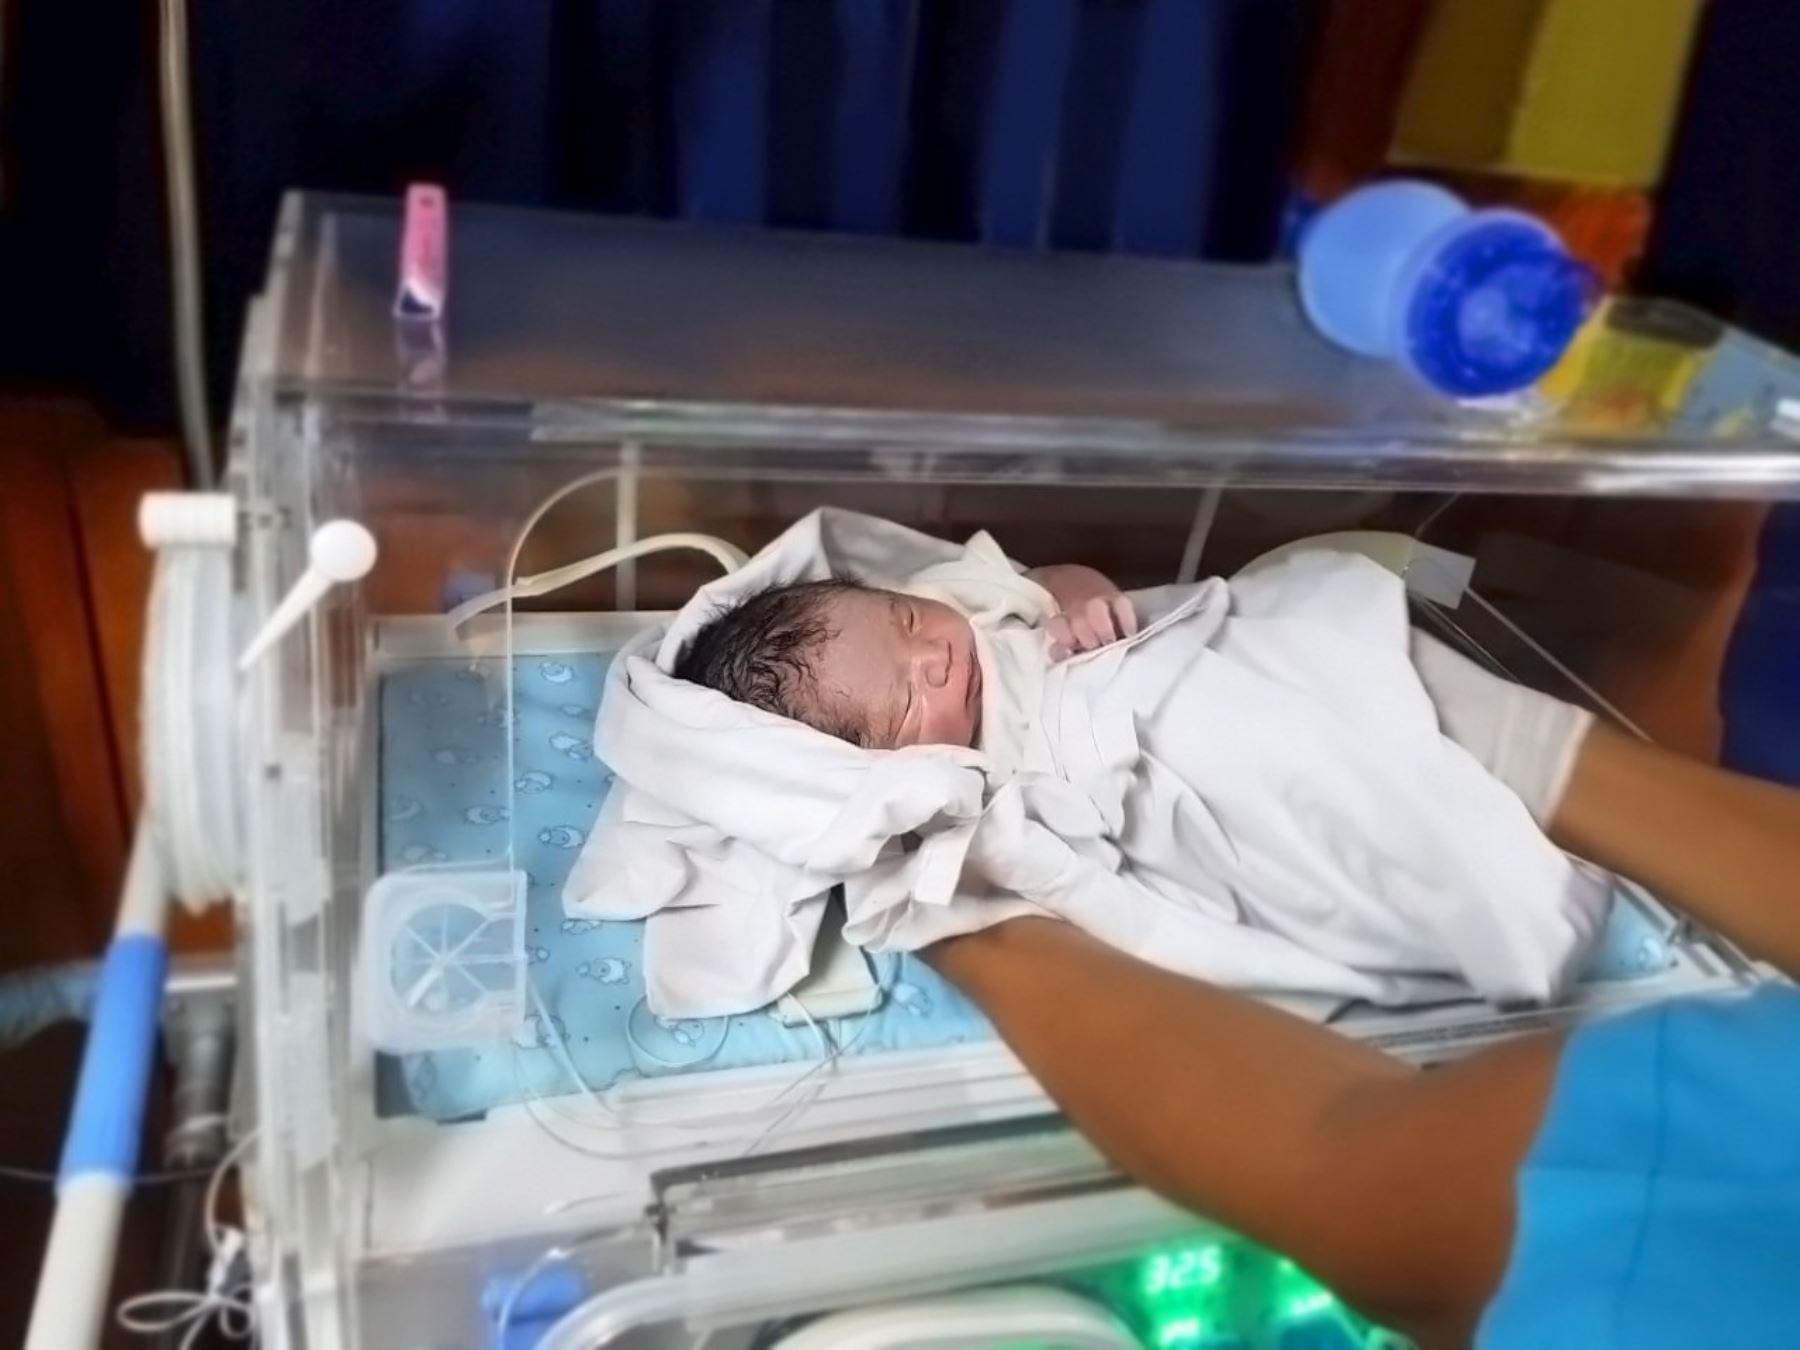 Nacen los dos primeros bebés durante campaña de PIAS Aéreas en comunidades indígenas de Loreto que organiza el Programa Nacional PAIS del Ministerio de Desarrollo e Inclusión Social.